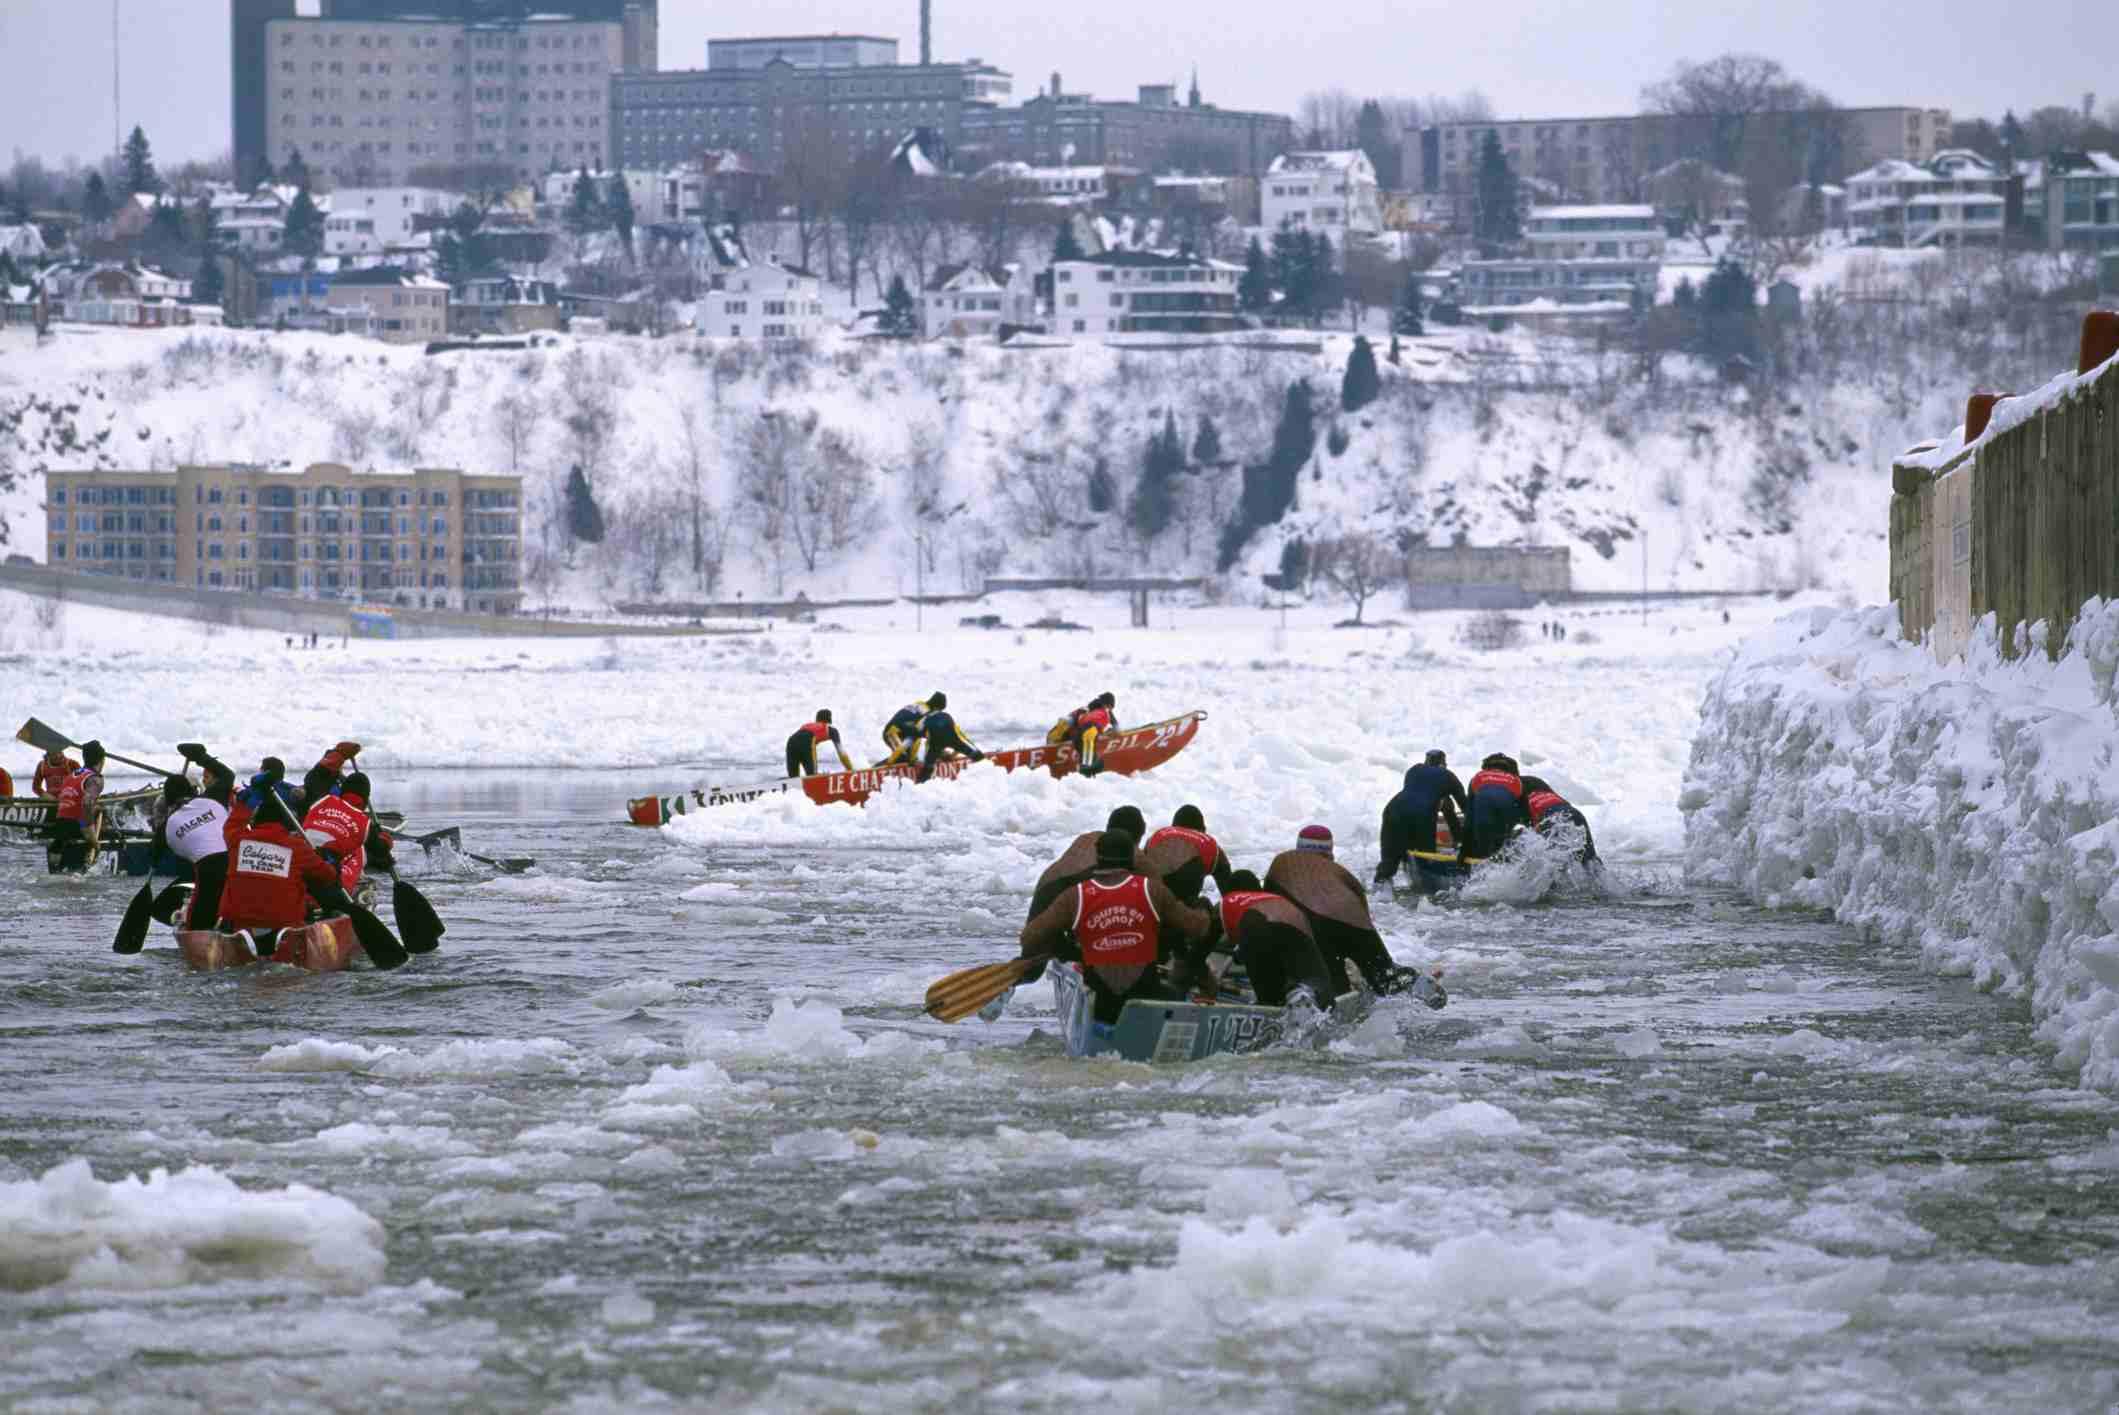 Carrera de canoas en el río San Lorenzo durante el carnaval de invierno